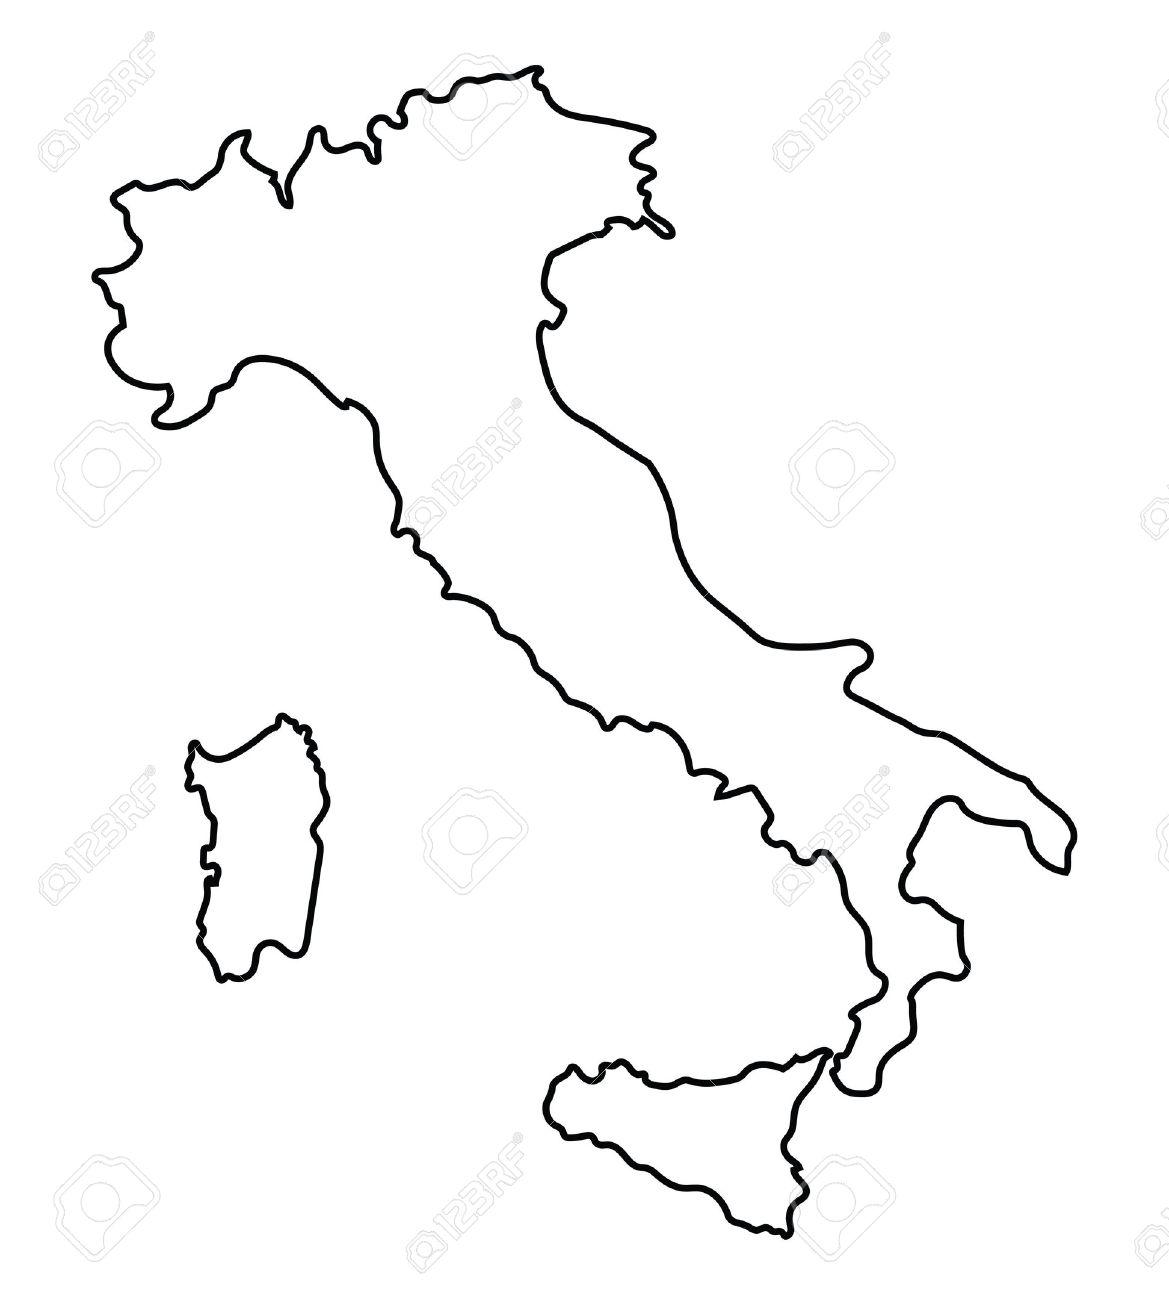 contour noir abstrait de carte de l'Italie Banque d'images - 37371119